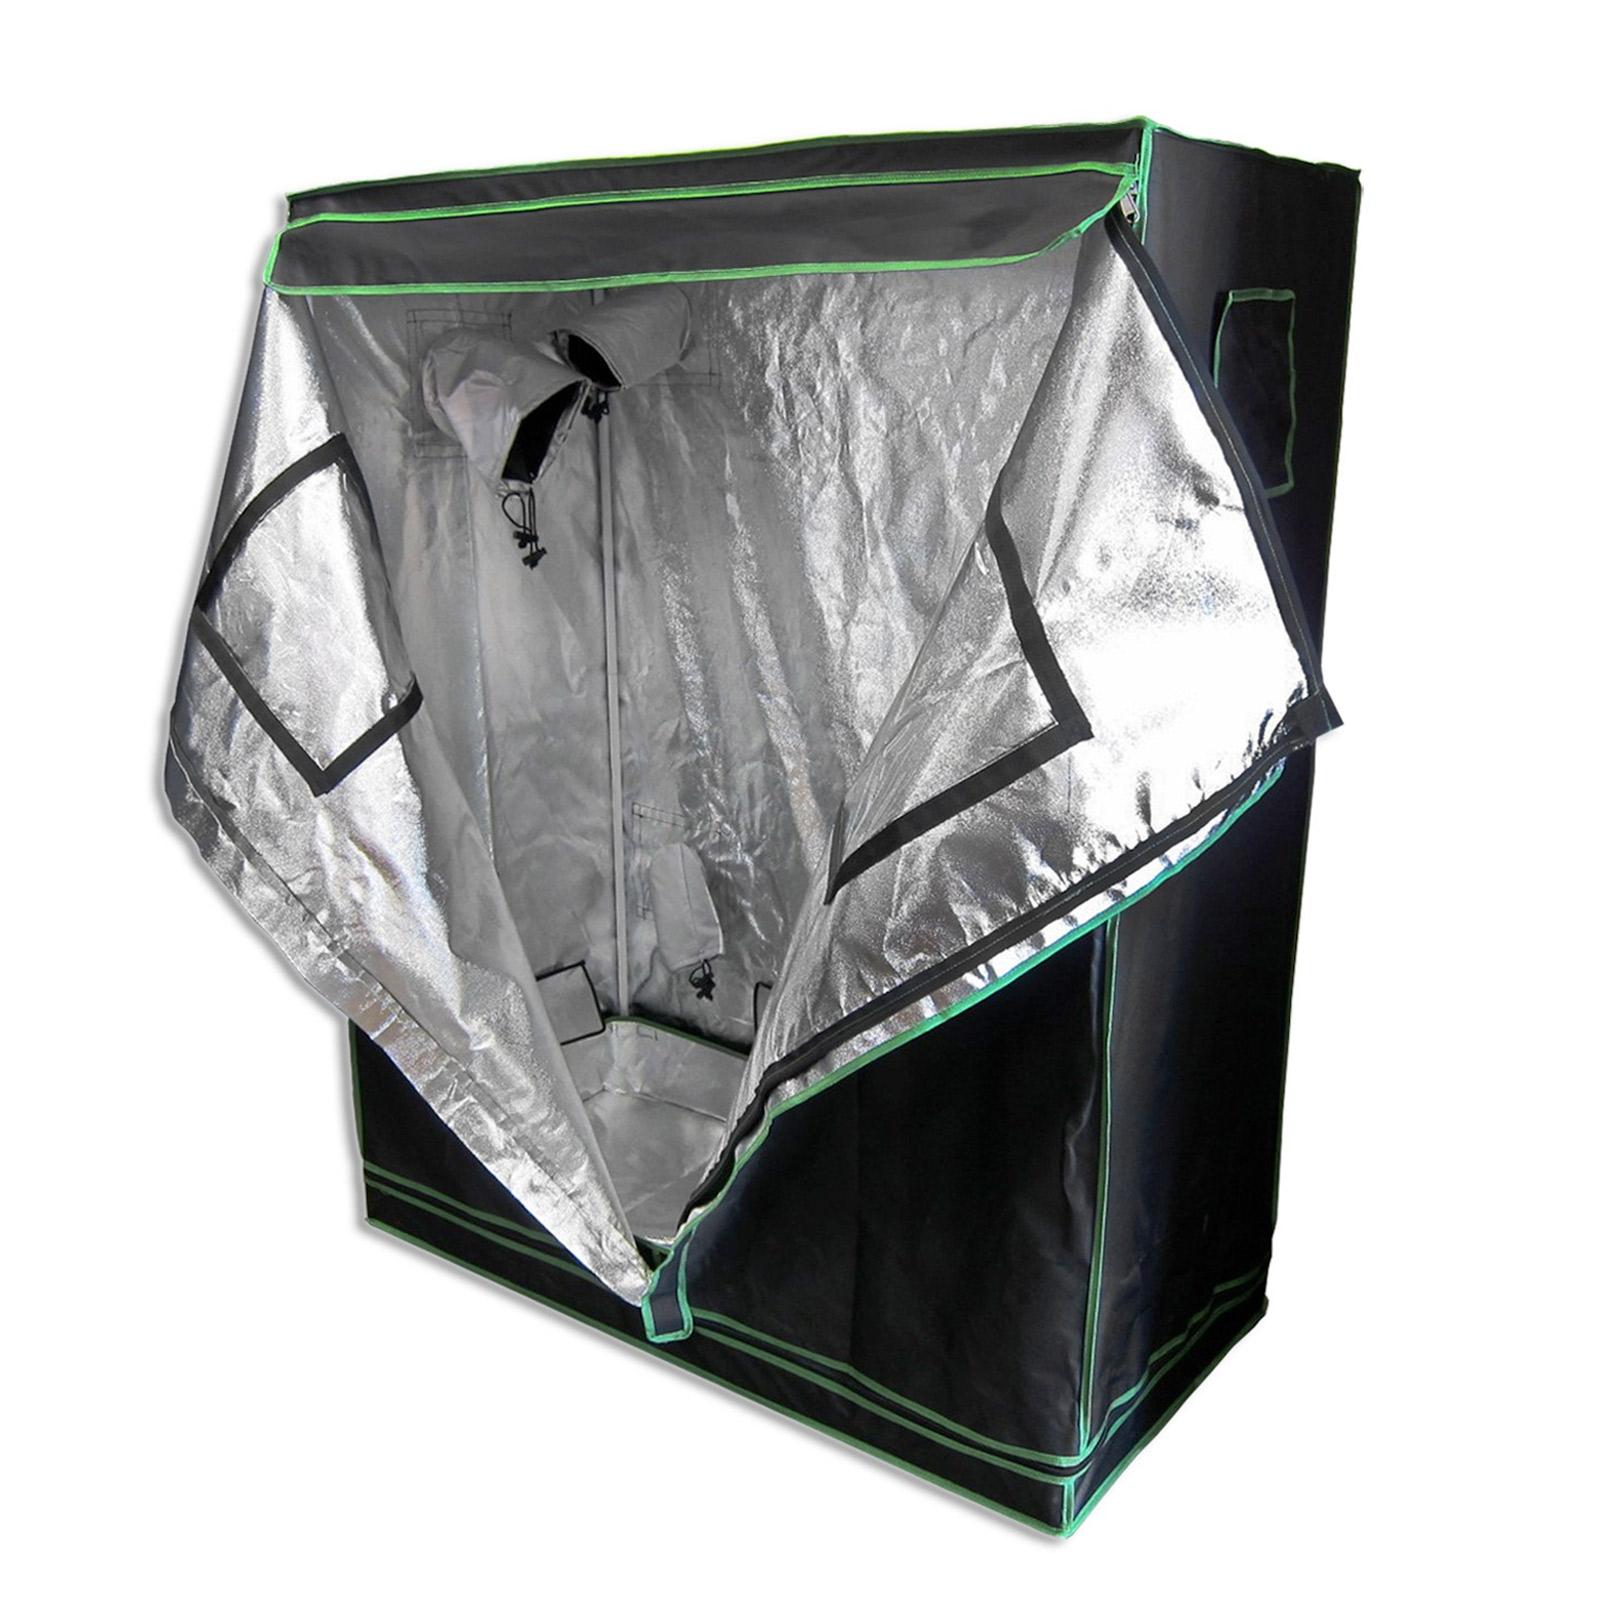 Build the best basic indoor grow setup - Sensi Seeds Blog  sc 1 st  Sensi Seeds & Build the best basic indoor grow setup